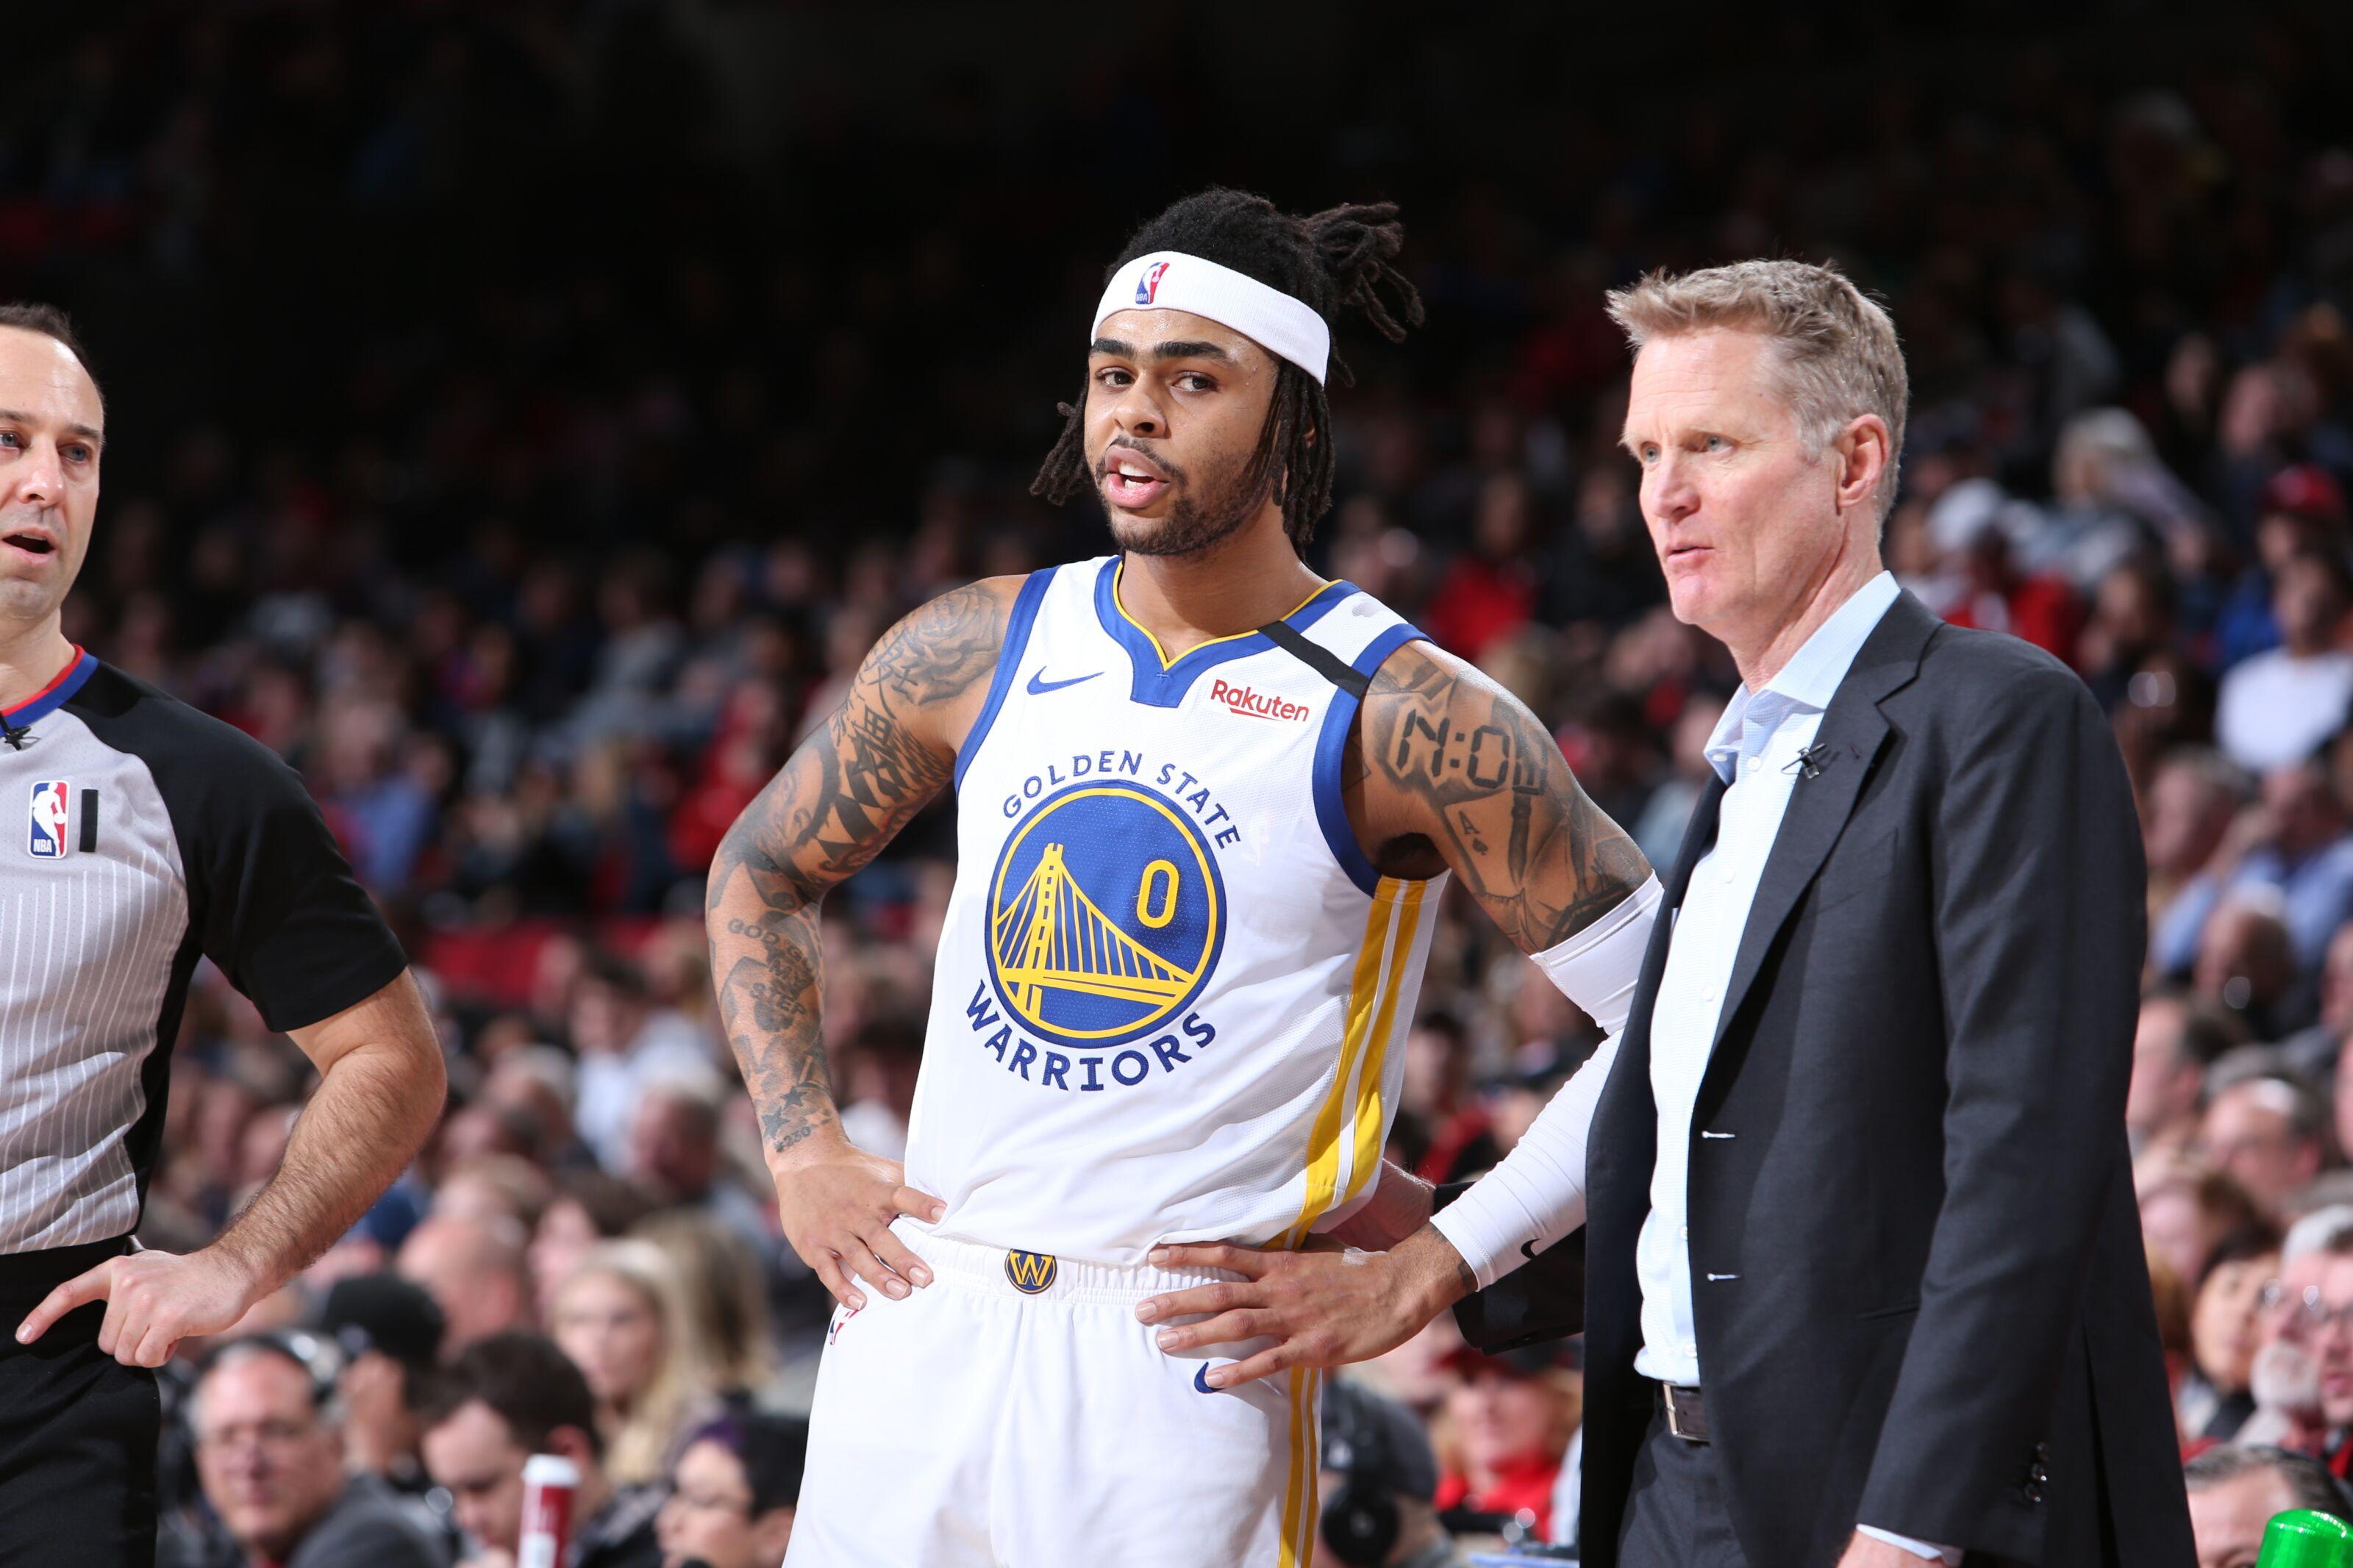 遲遲不肯放Russell,兩件事成科爾心魔,為做好兩手準備放眼下賽季?-Haters-黑特籃球NBA新聞影音圖片分享社區